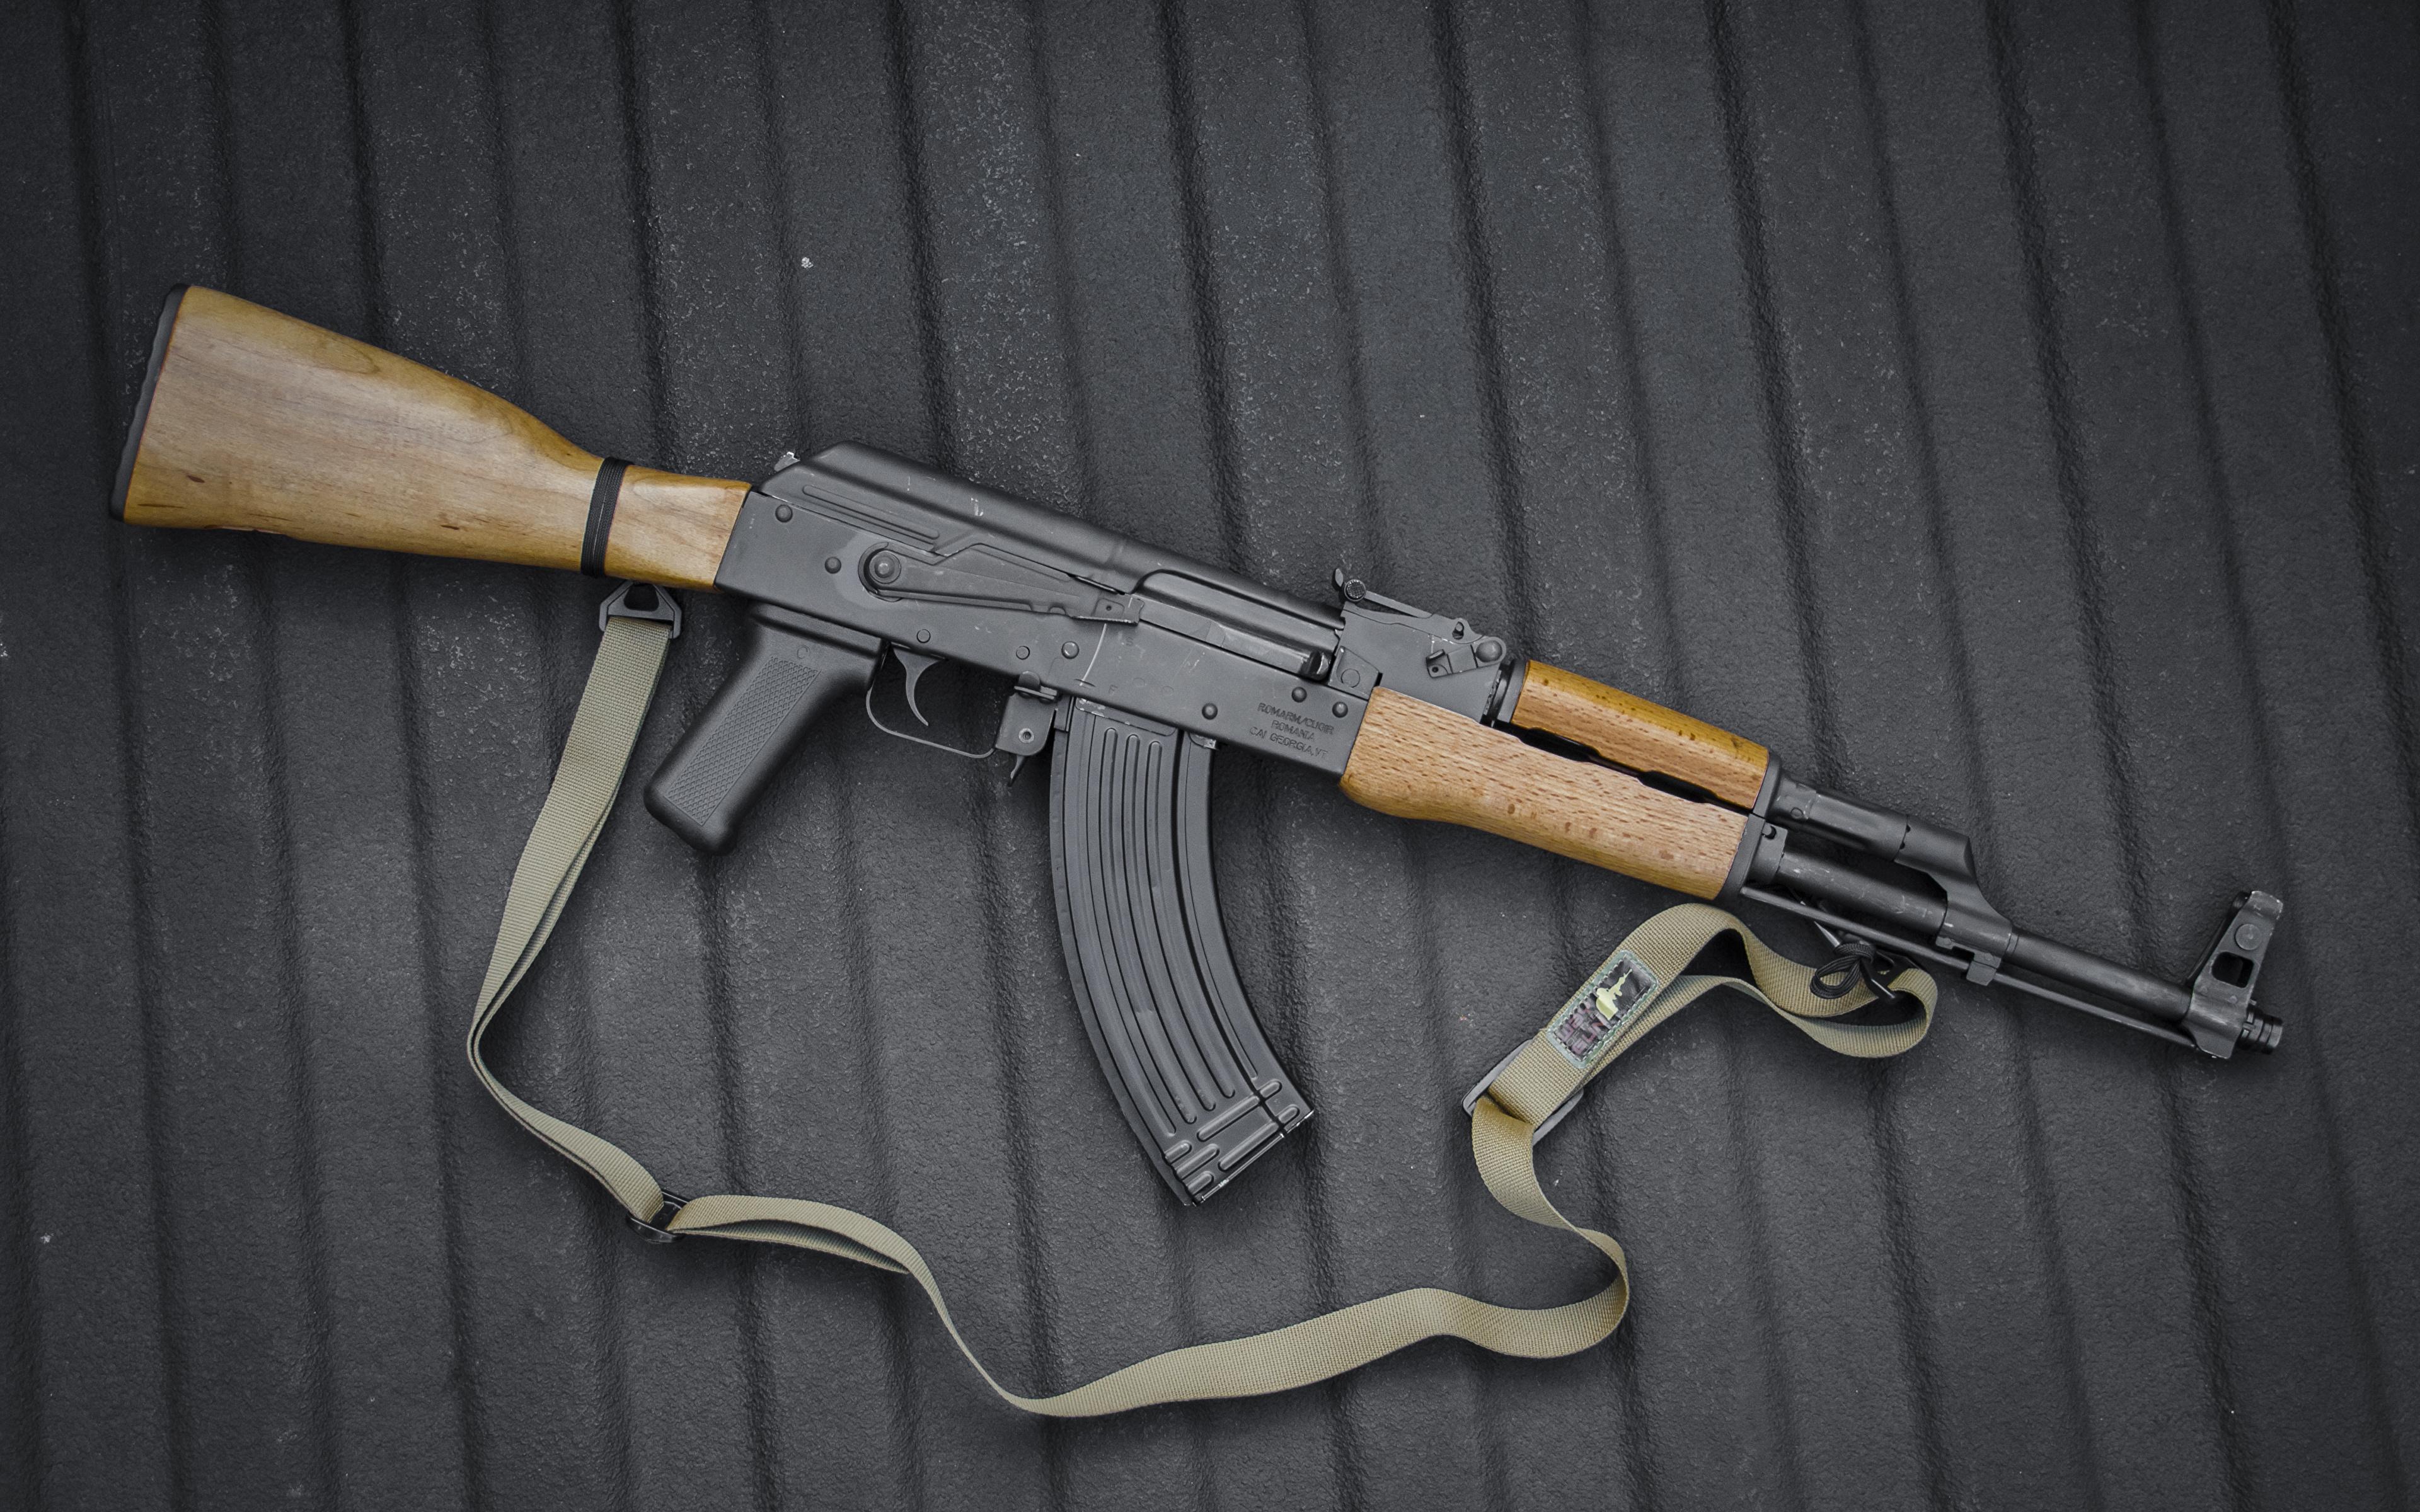 Fotos AK 47 Sturmgewehr russischer Heer 3840x2400 Kalaschnikow Russische russisches